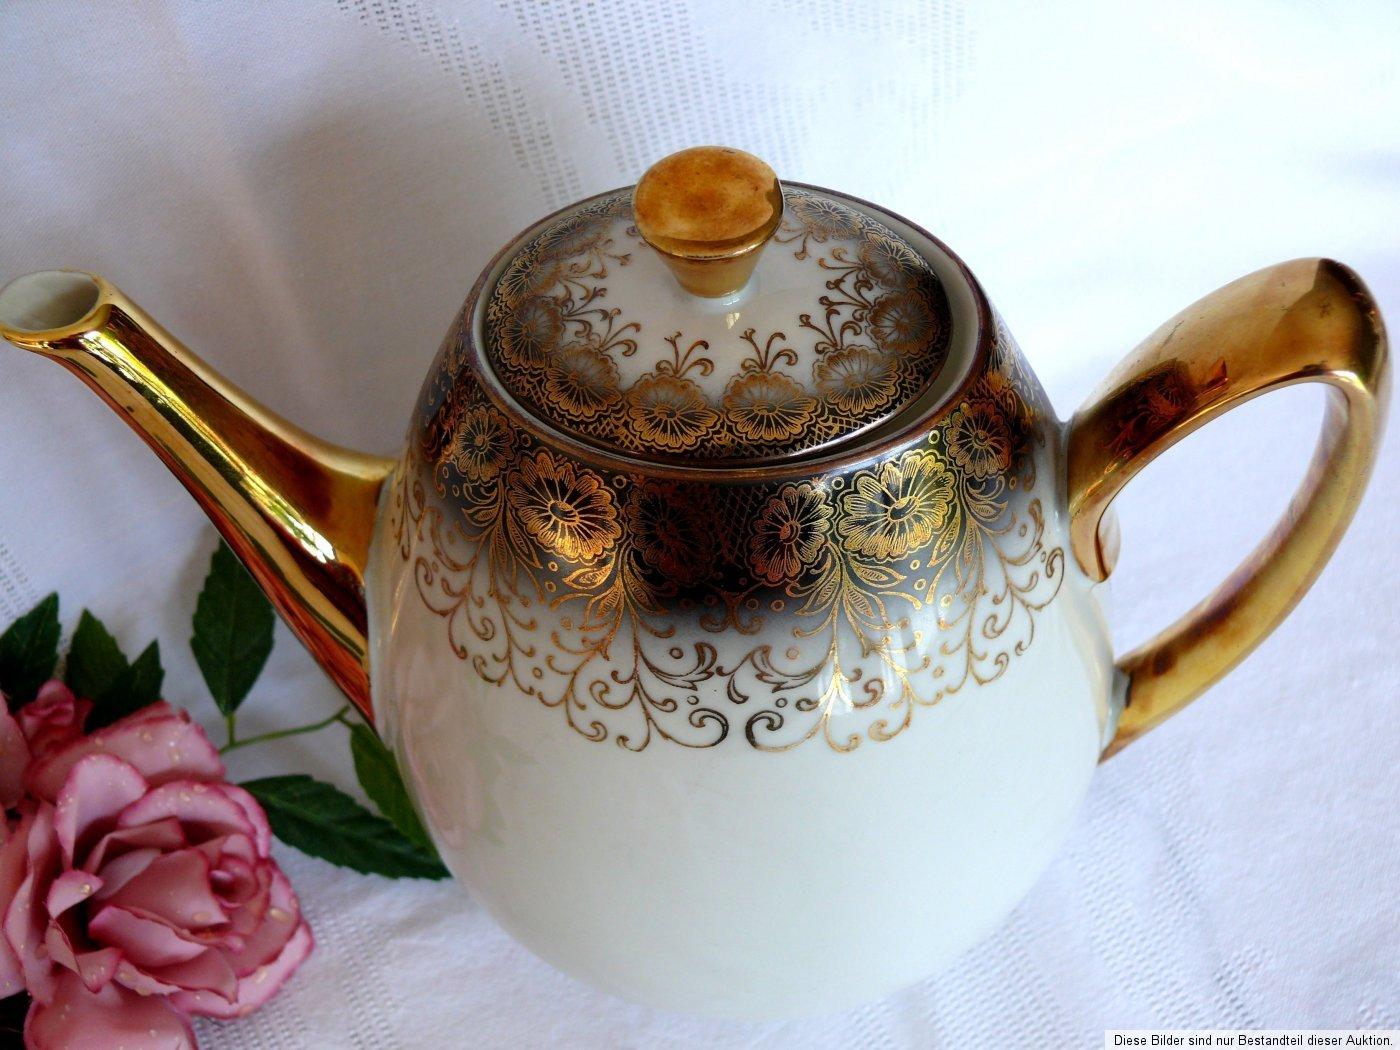 bavaria elfenbein porzellan kaffeekanne goldverziert 50 60iger jahren ebay. Black Bedroom Furniture Sets. Home Design Ideas